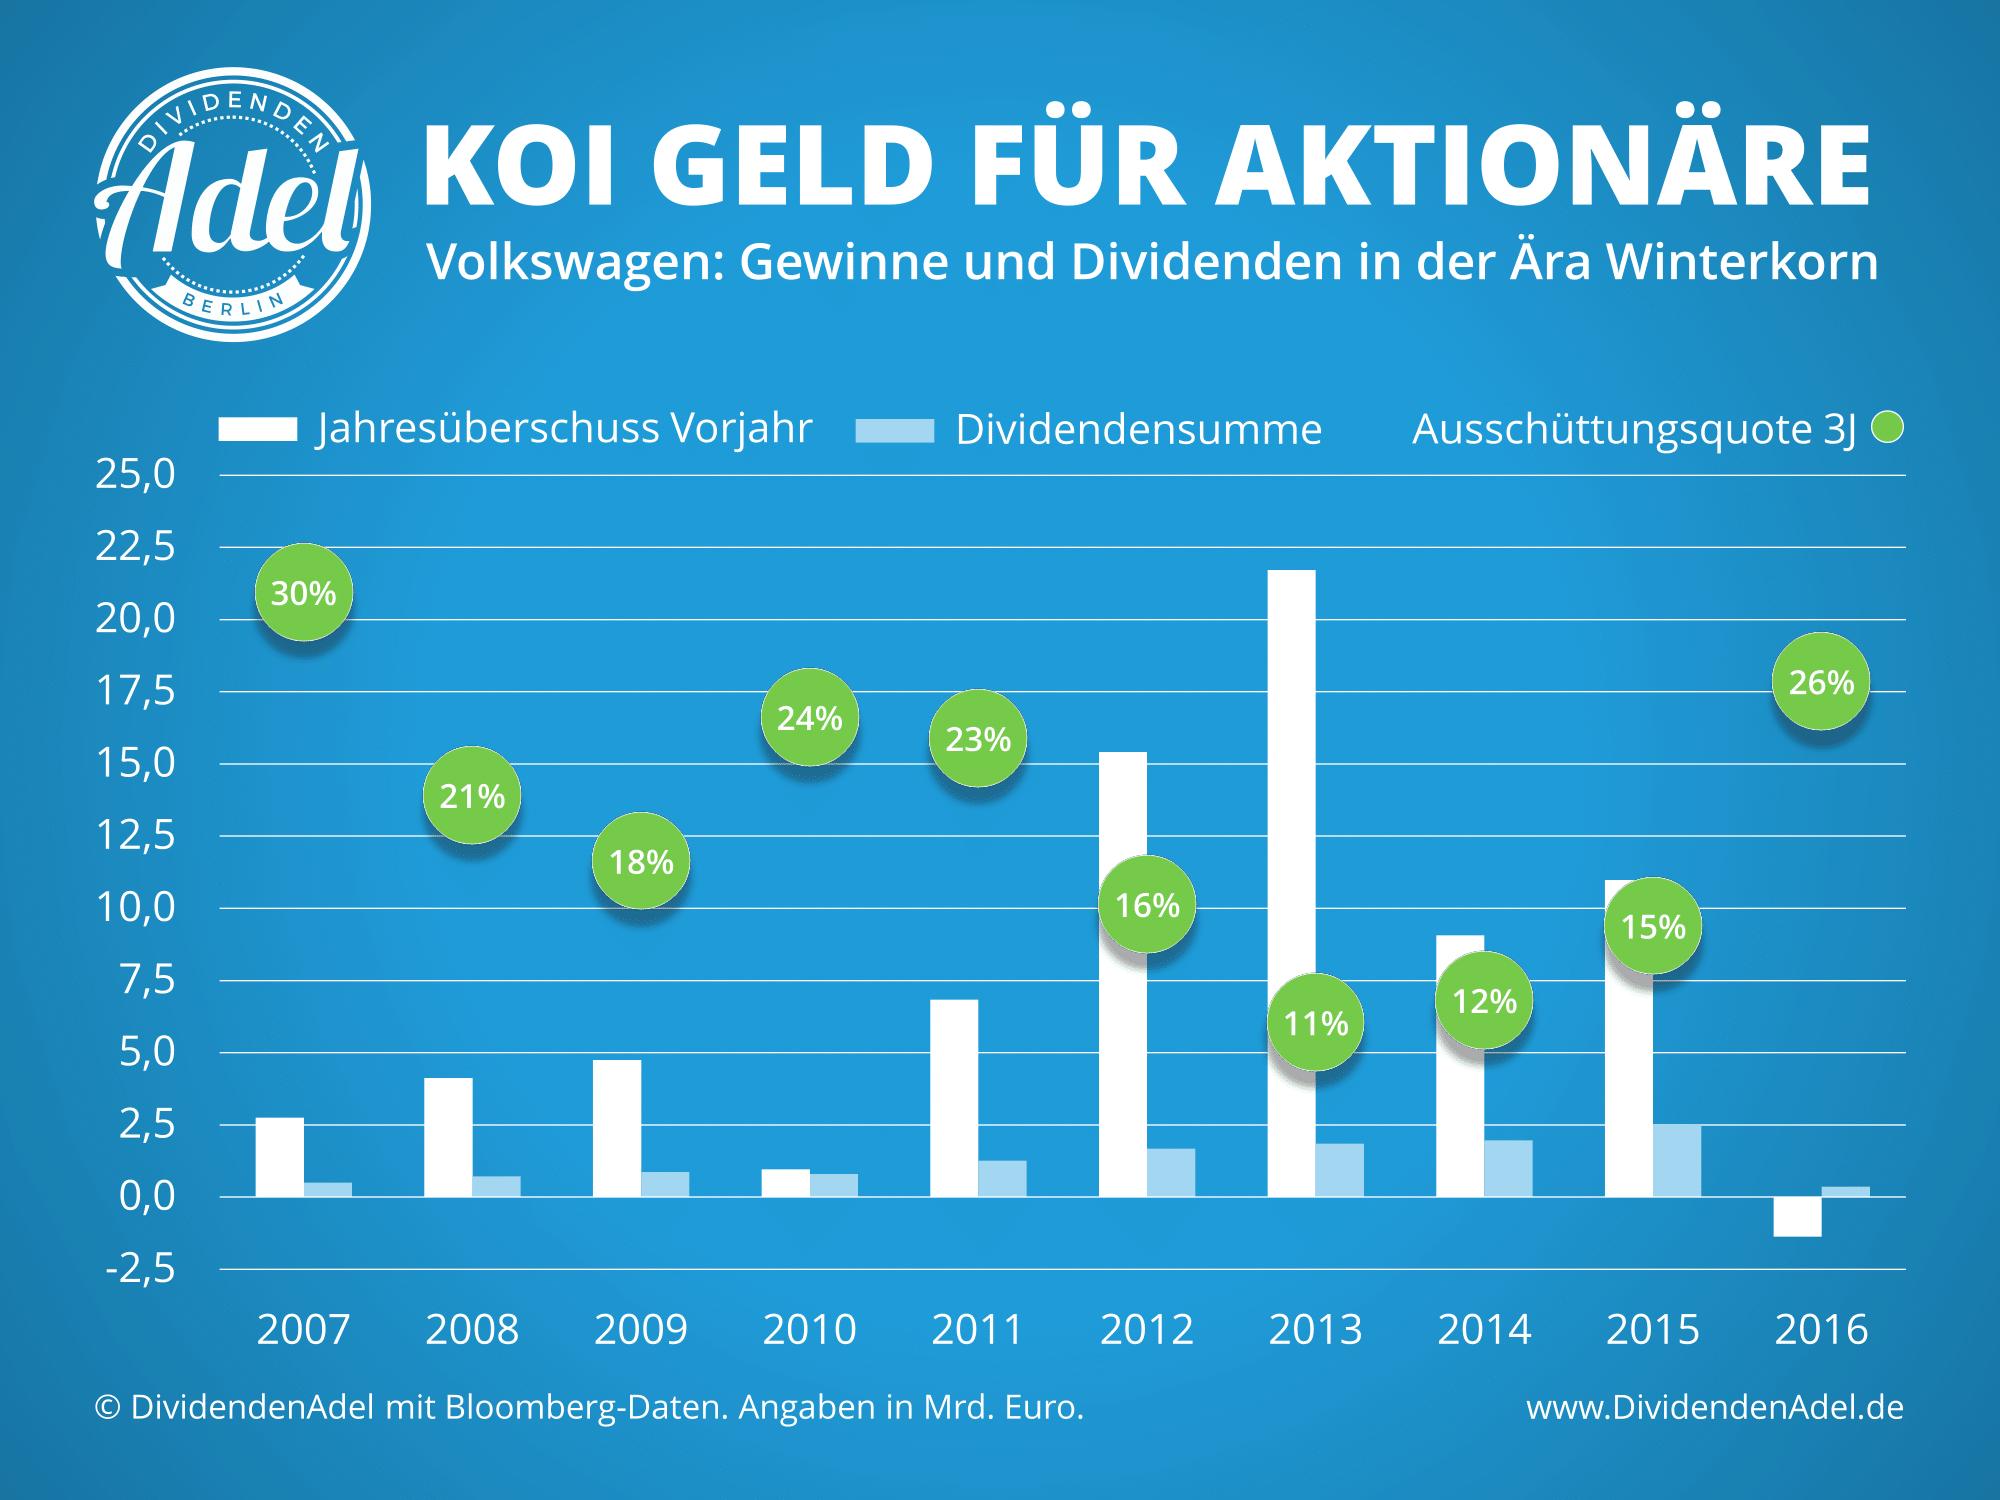 DividendenAdel VW - Koi Geld für Aktionäre